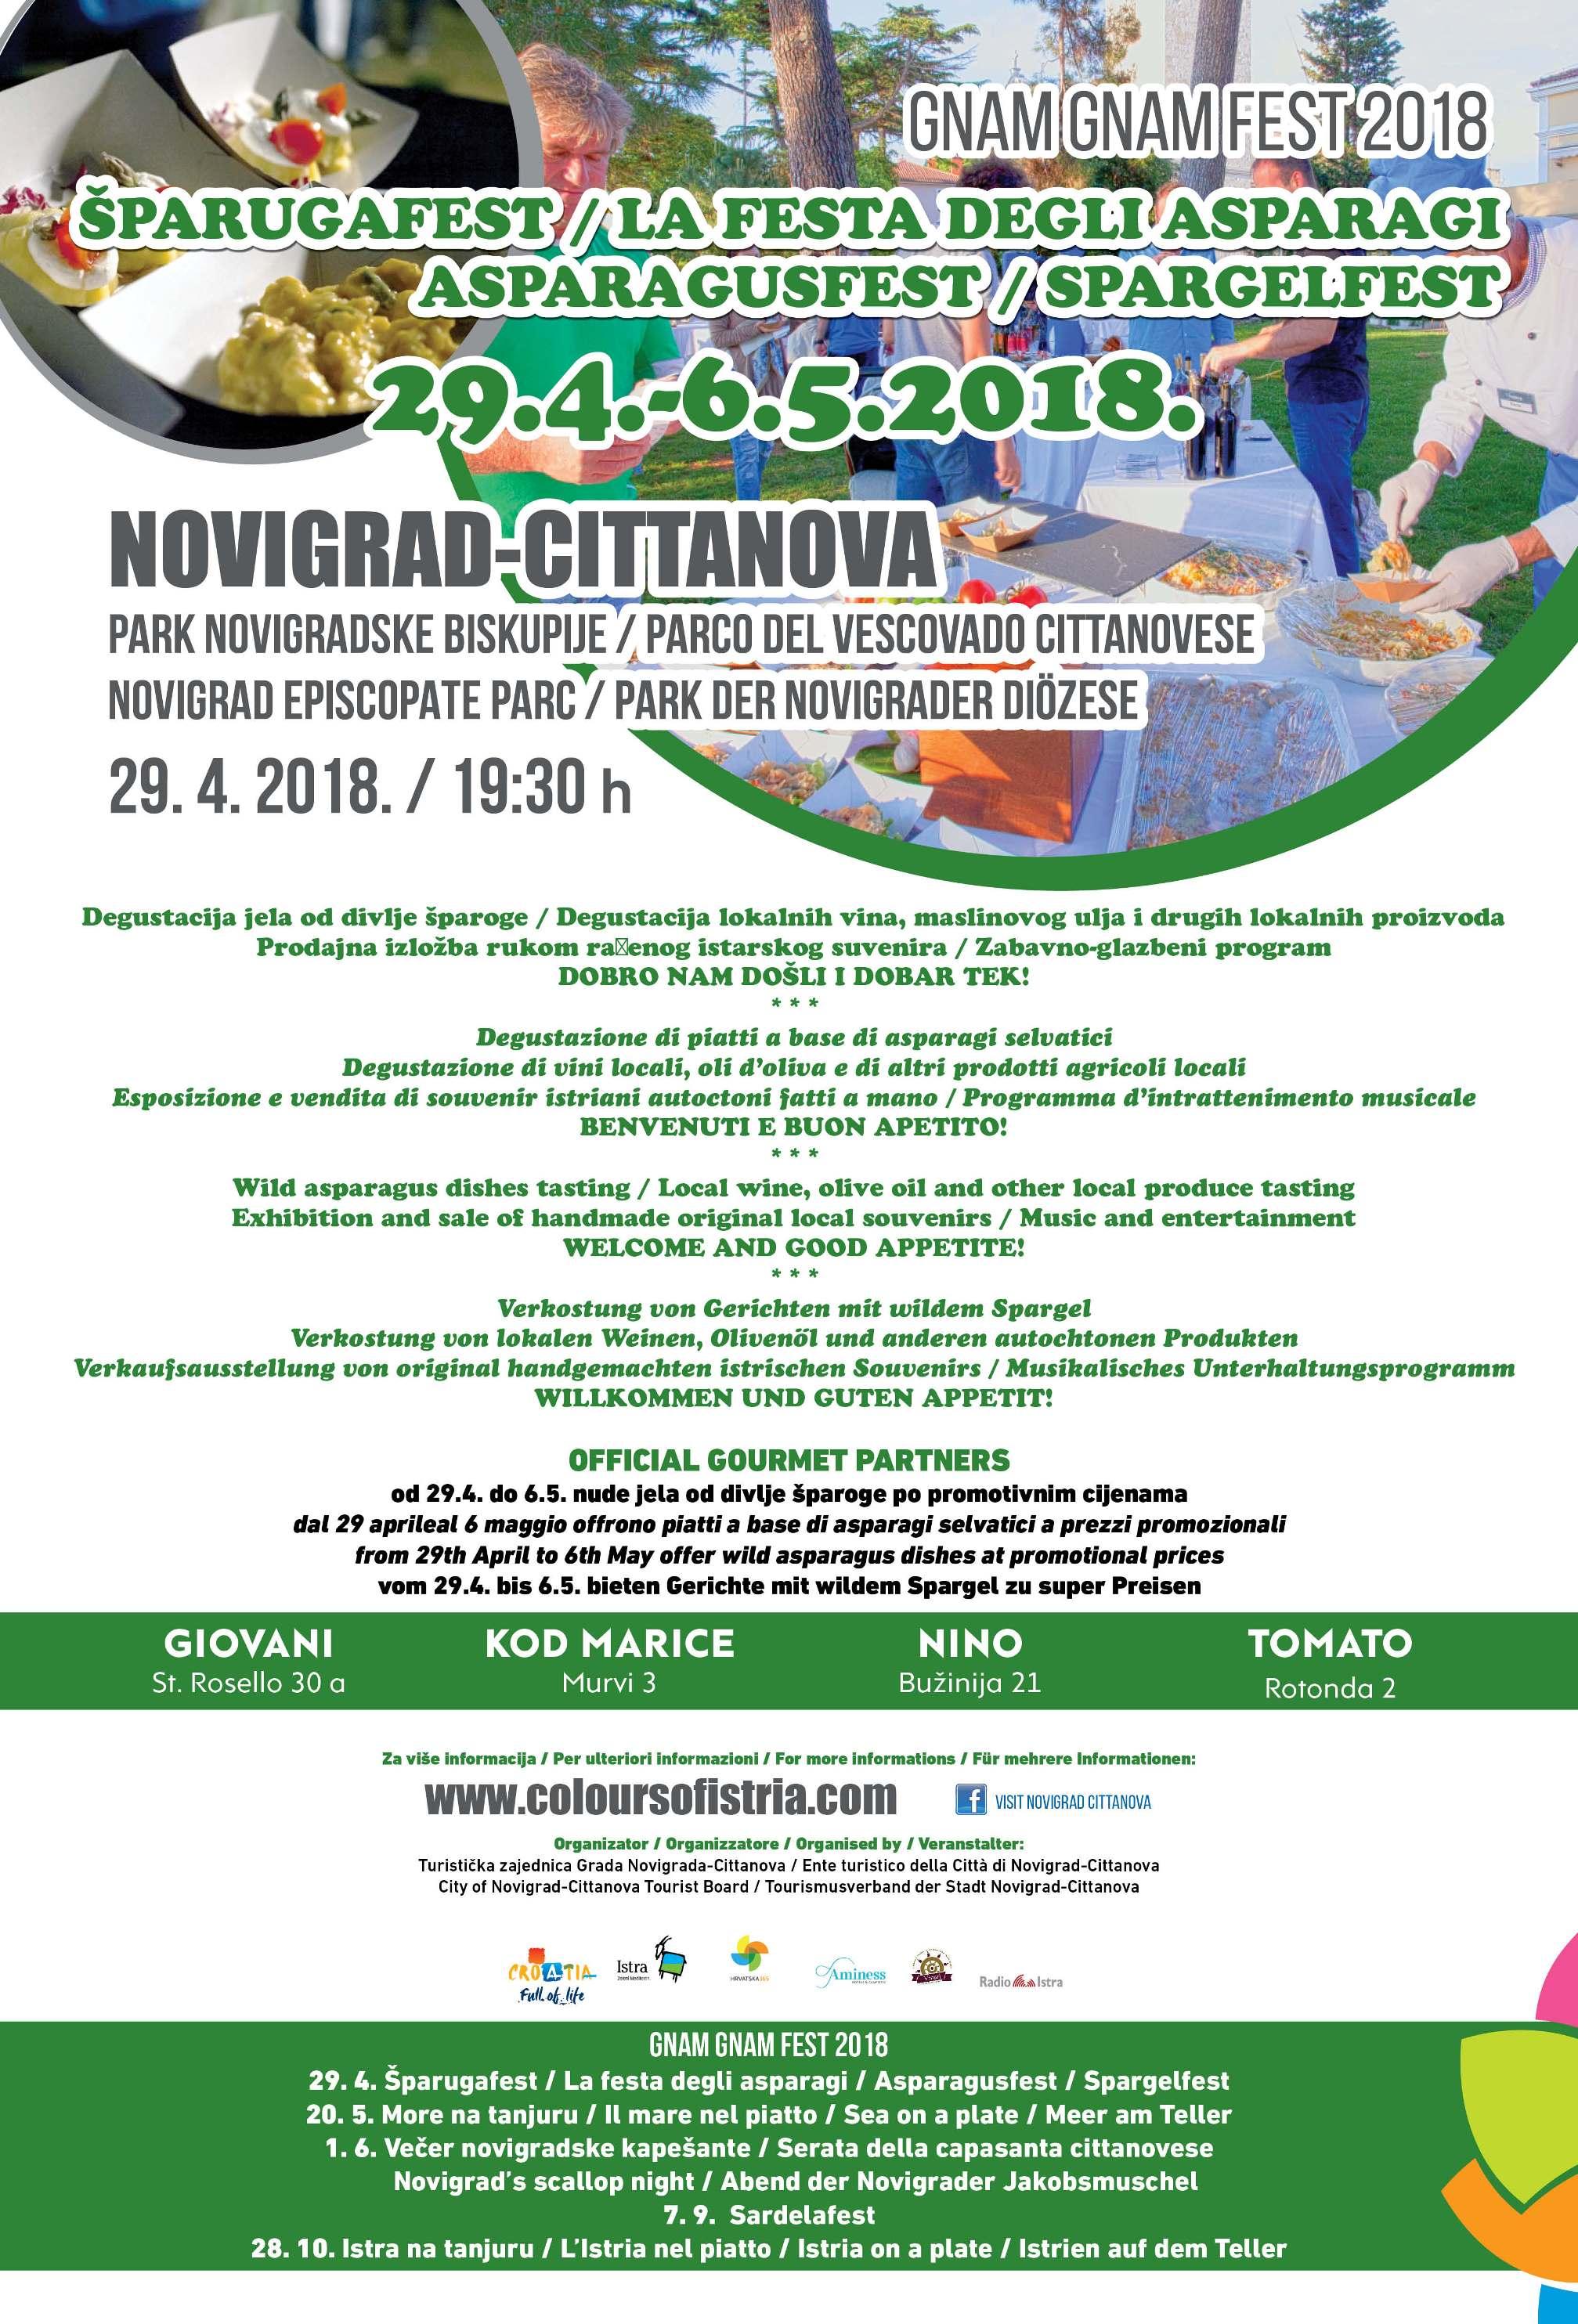 http://www.novigrad.hr/gnam_gnam_fest_shparugafest2